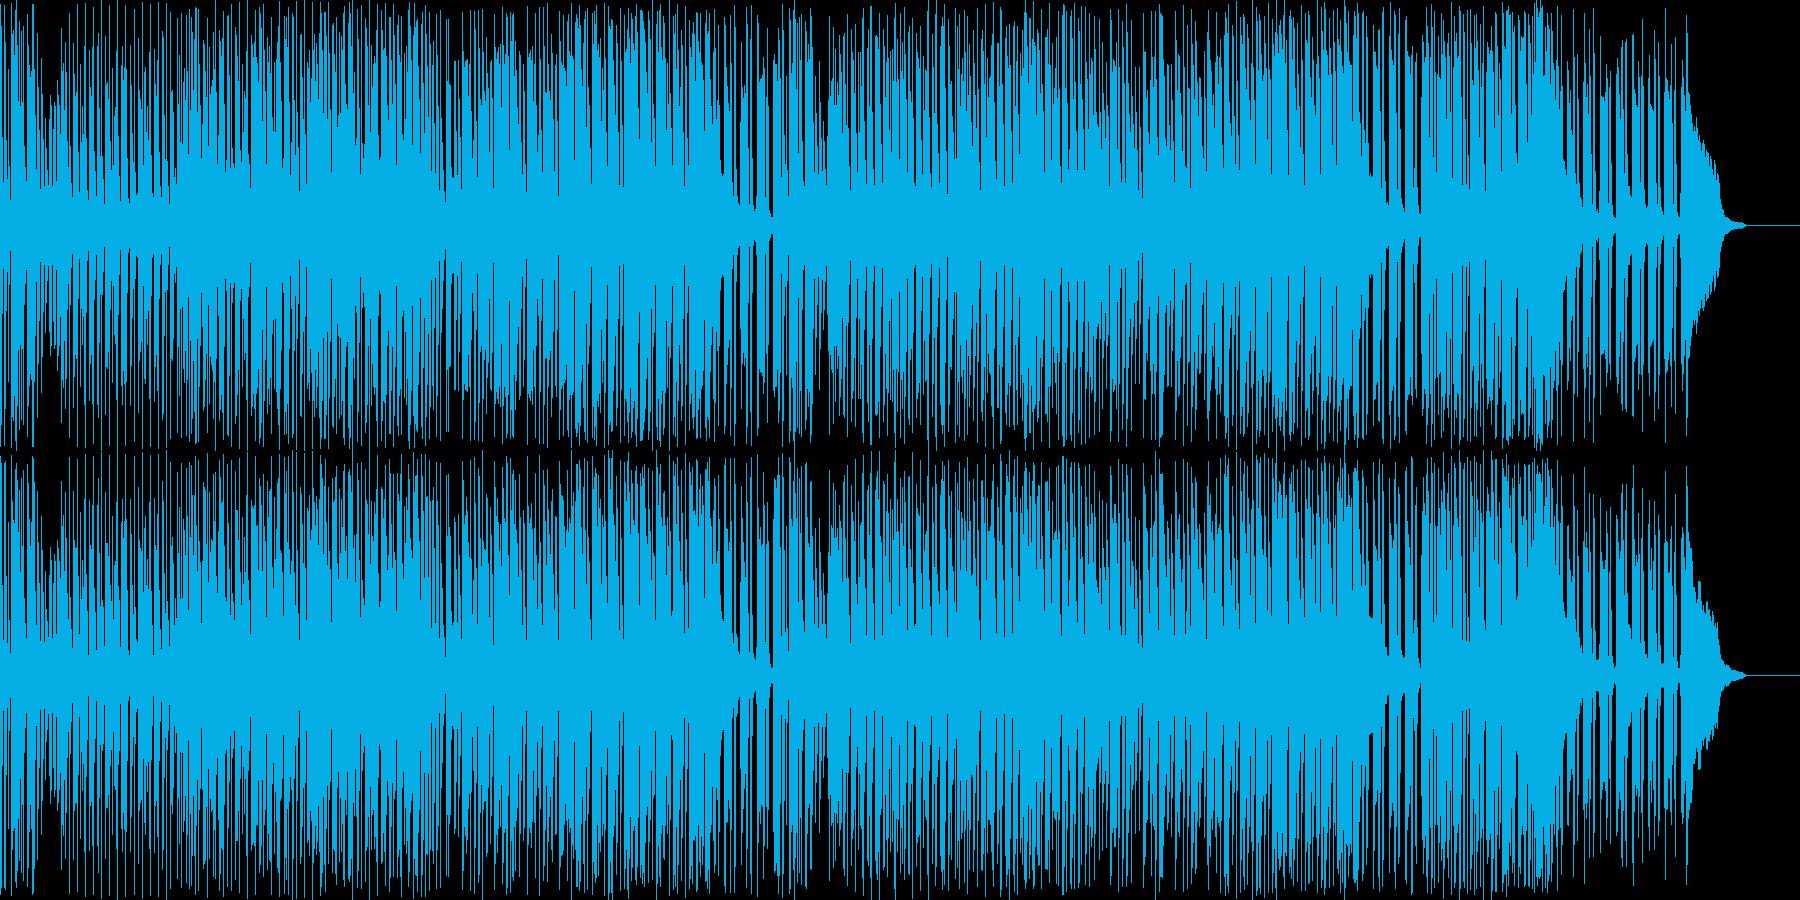 【フル尺】遊園地で流れる賑やかなBGMの再生済みの波形